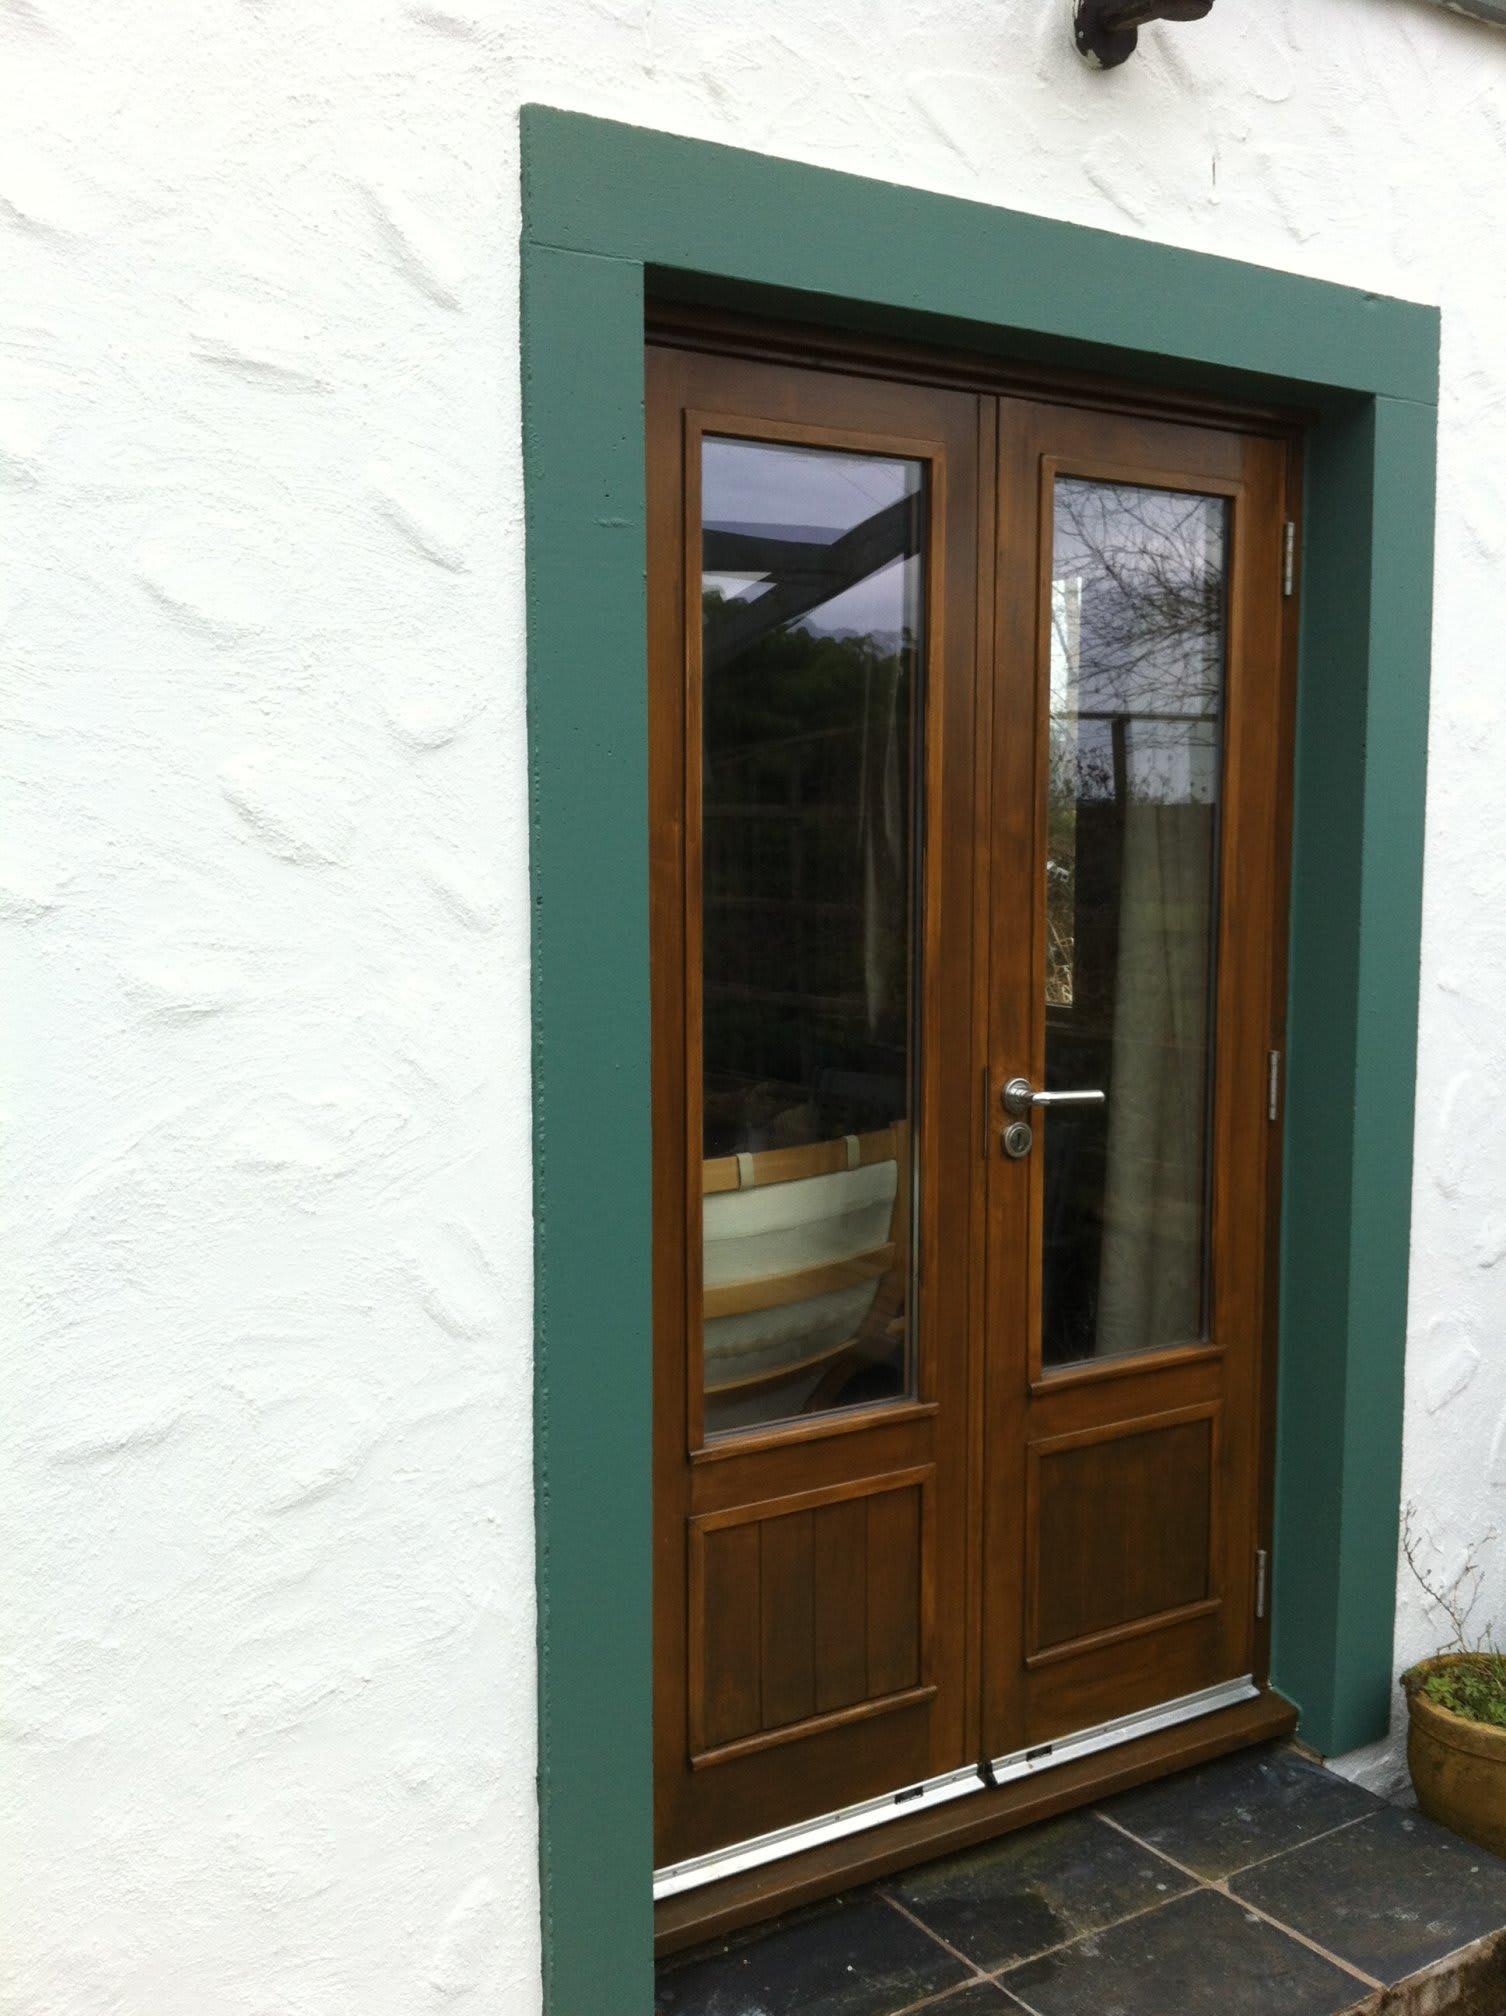 Steven Carruthers Painter & Decorator   6 Kellwood Pl, Lochvale, Dumfries DG1 4HJ   +44 1387 261535